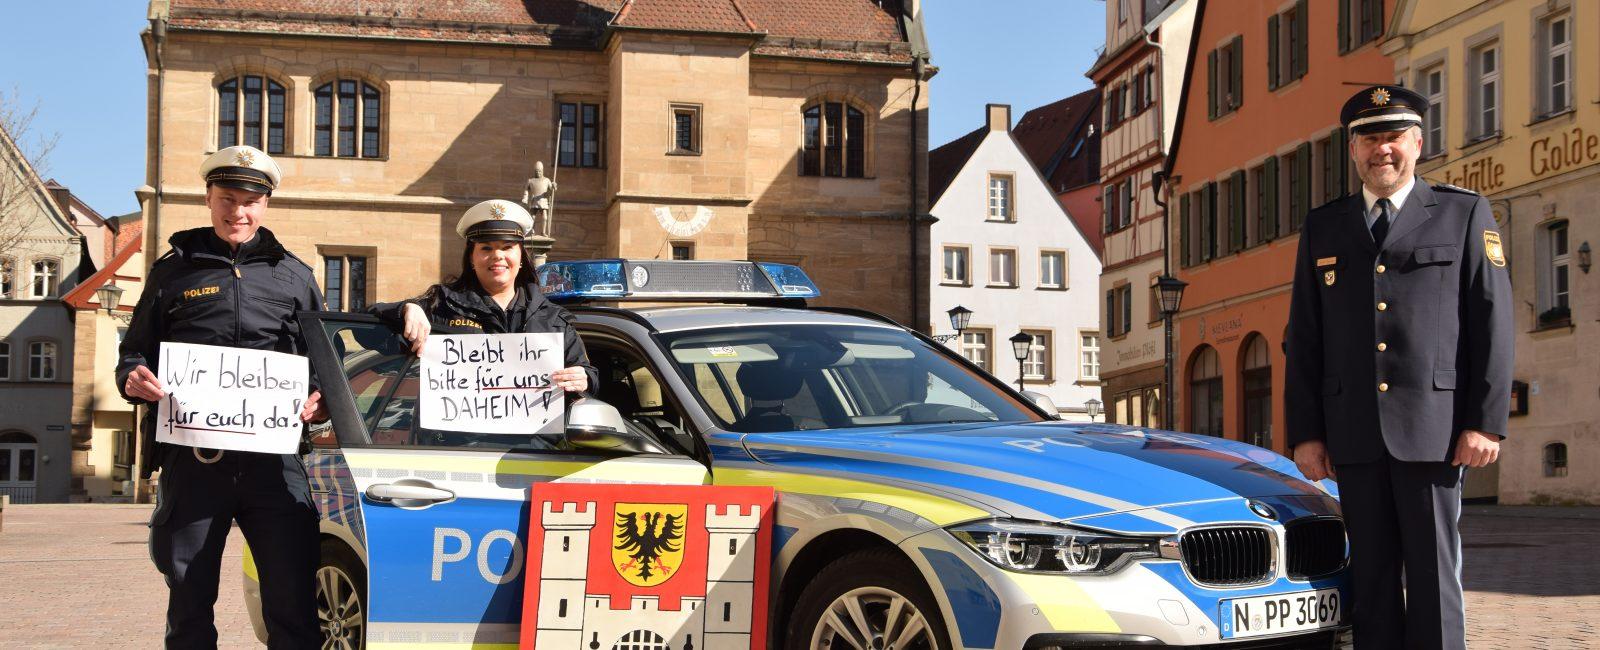 Polizeiinspektion Weißenburg